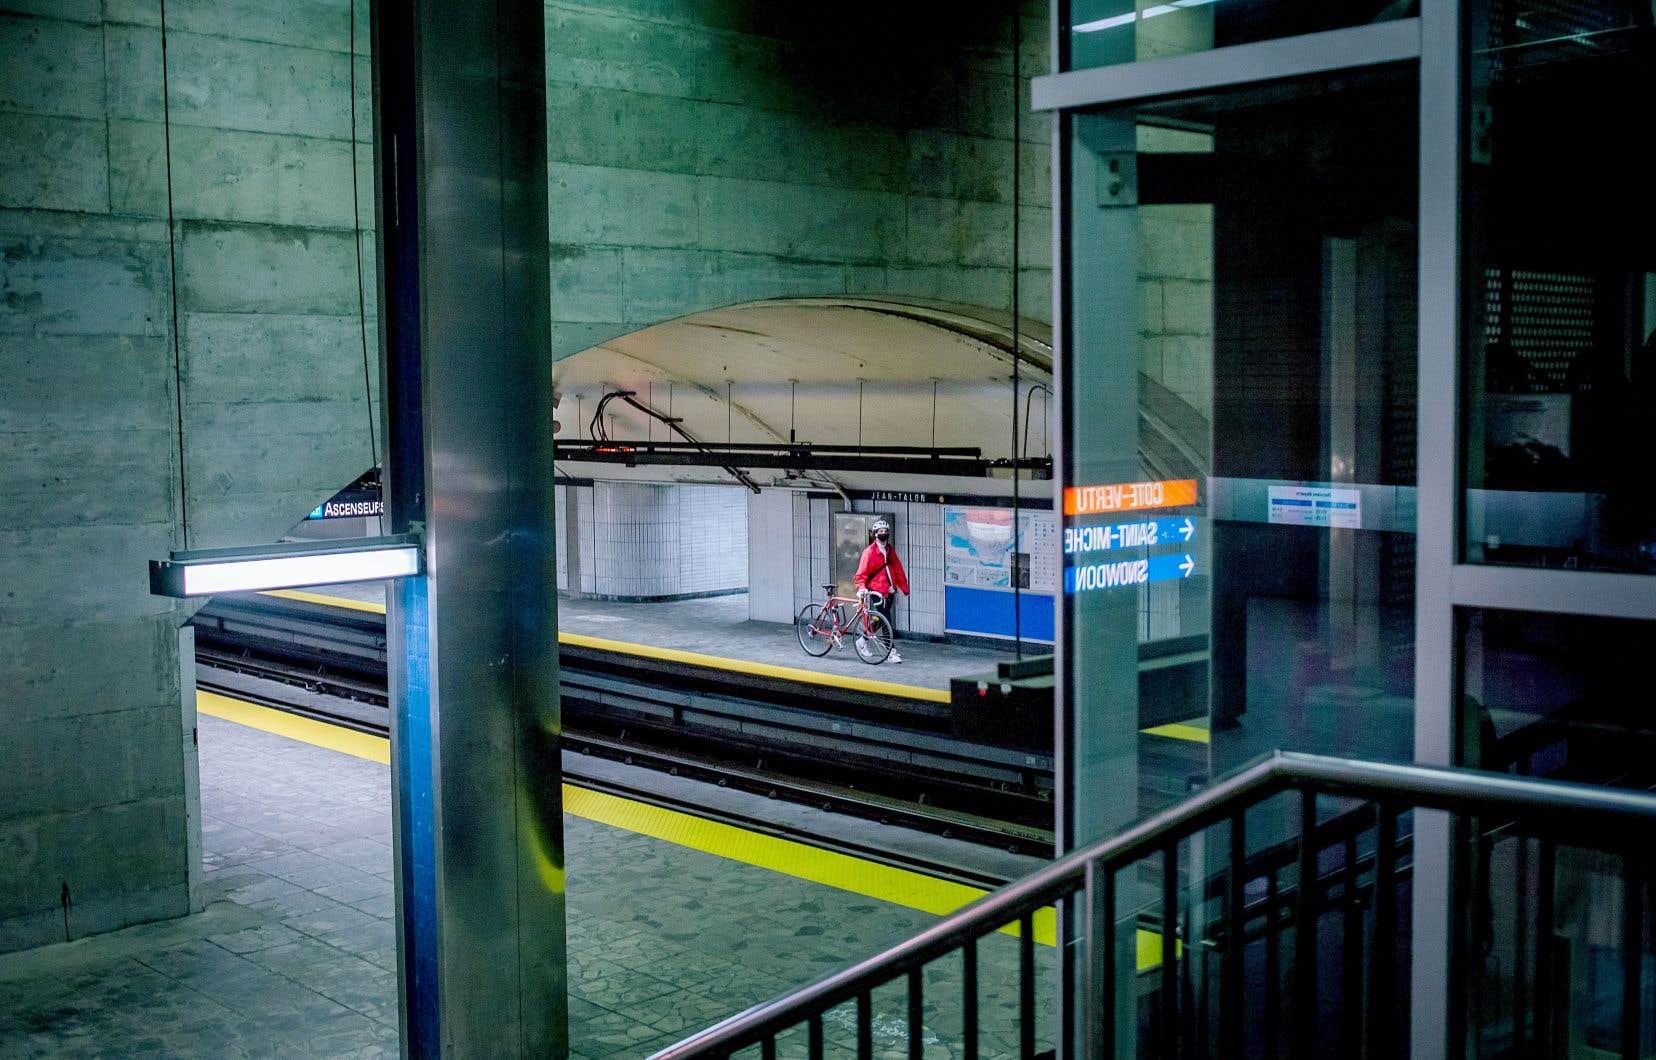 Projet phare de la STM, le prolongement de la ligne bleue du métro trône au centre des préoccupations. Le projet accumule les retards. Et la facture anticipée s'allonge.